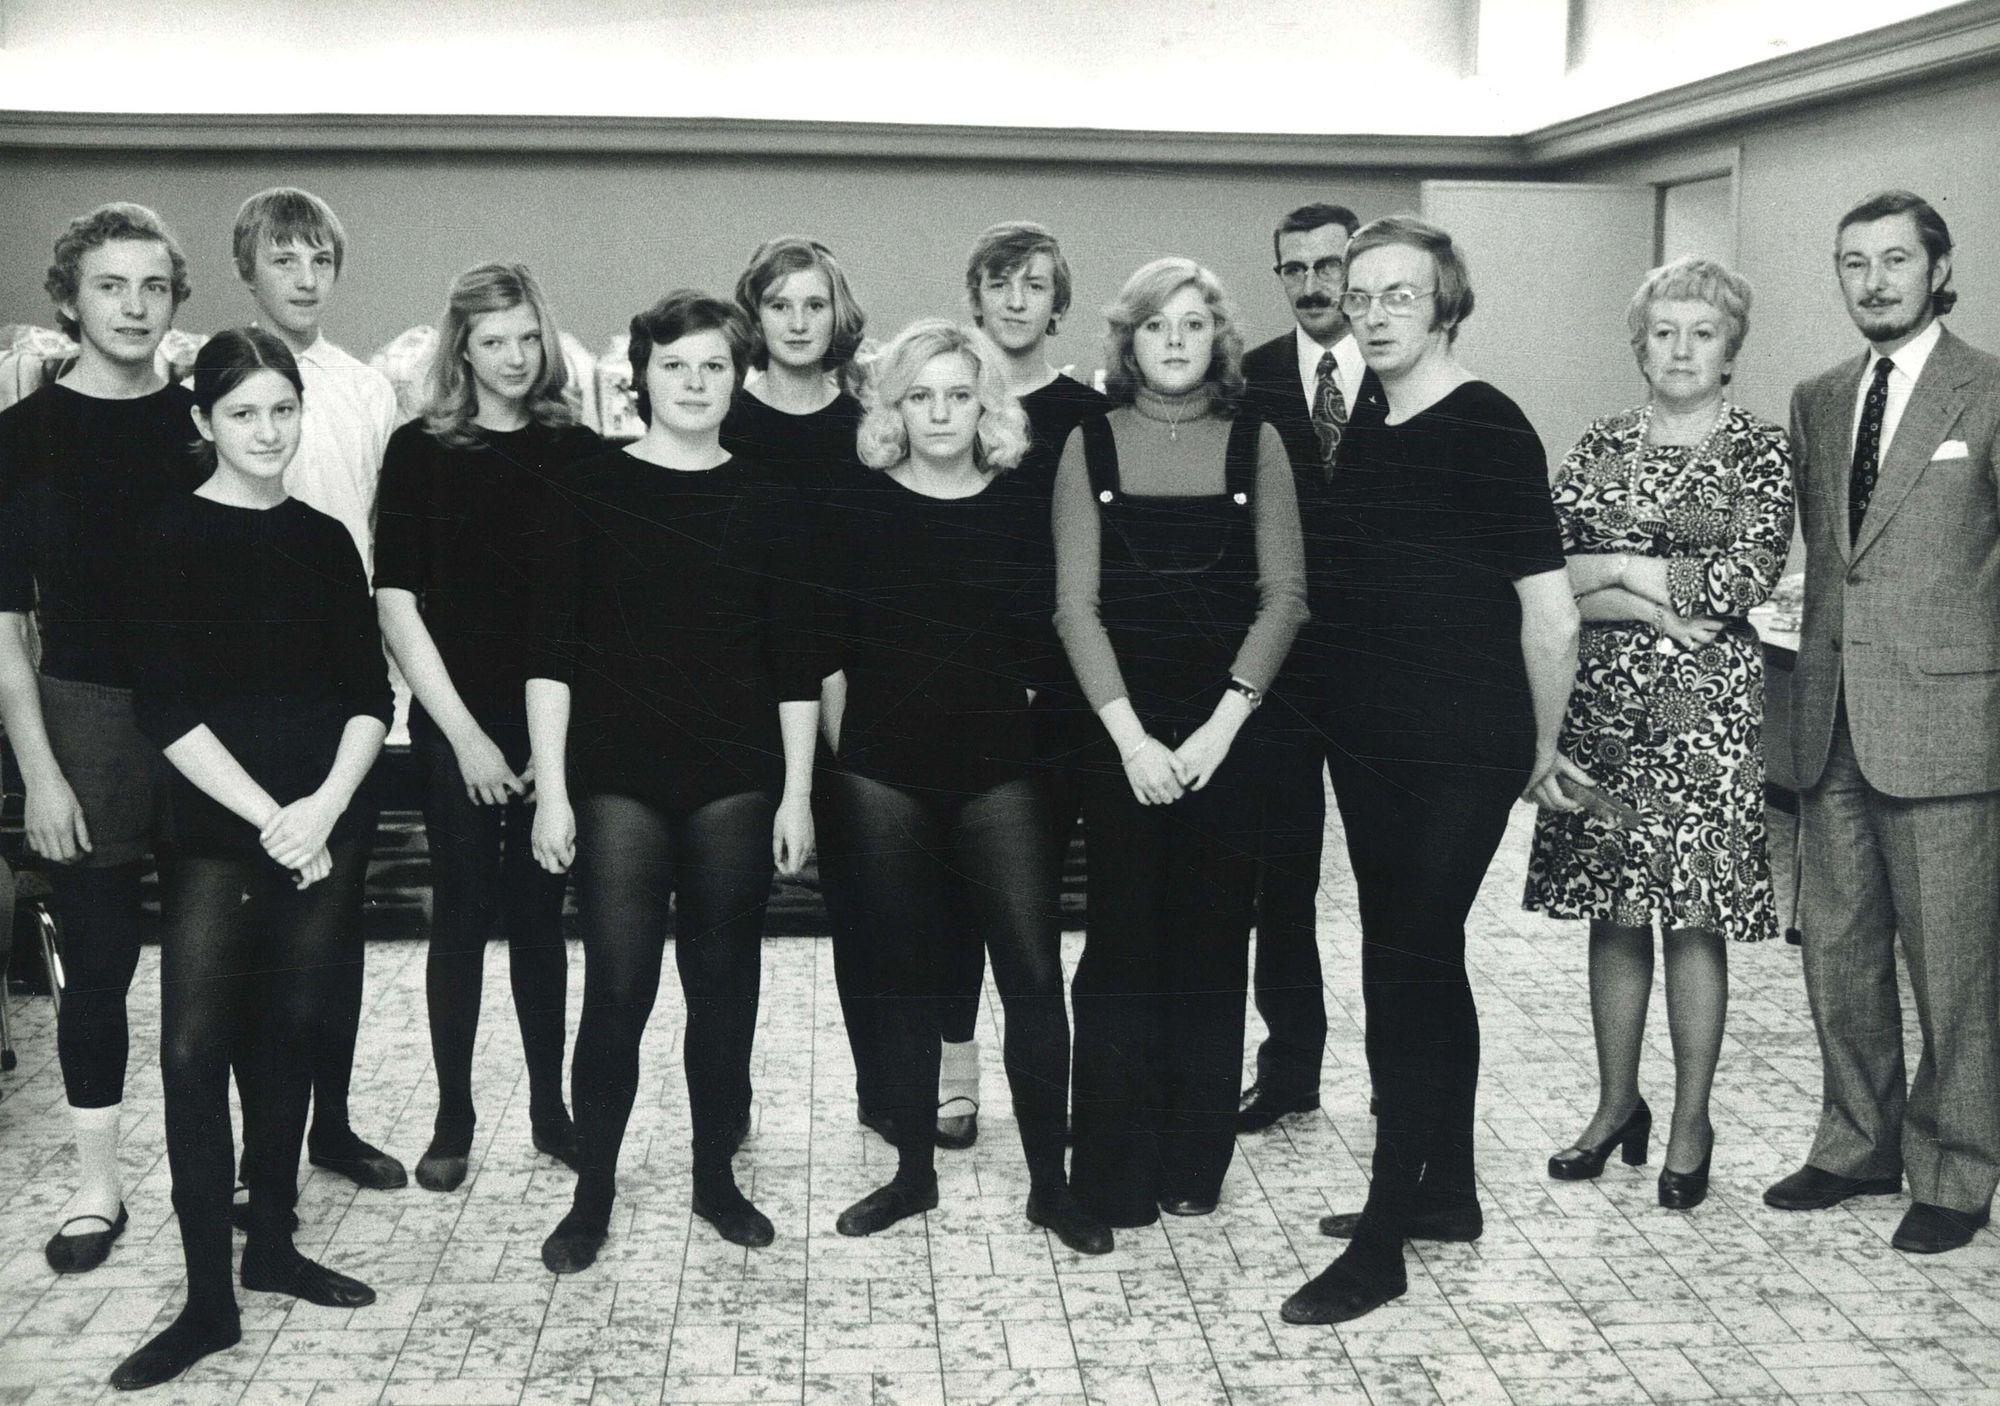 Dansgroep Textielhuis